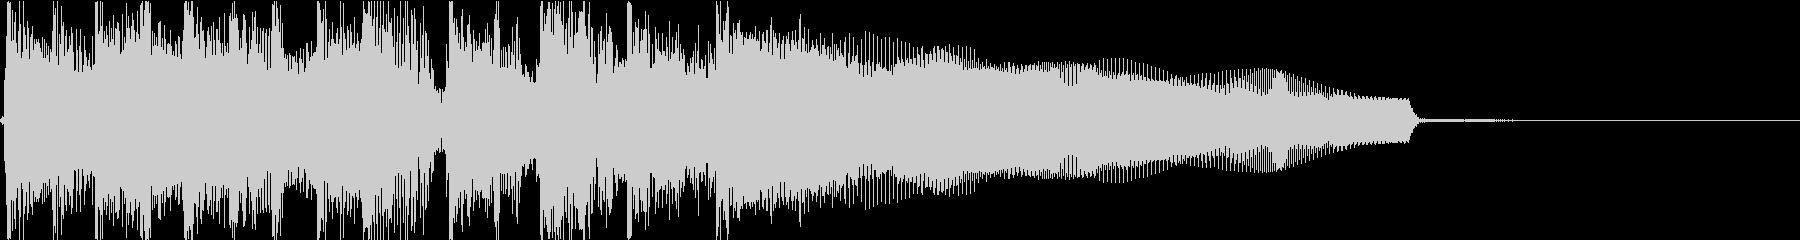 生演奏でのハードなロックジングルM1の未再生の波形